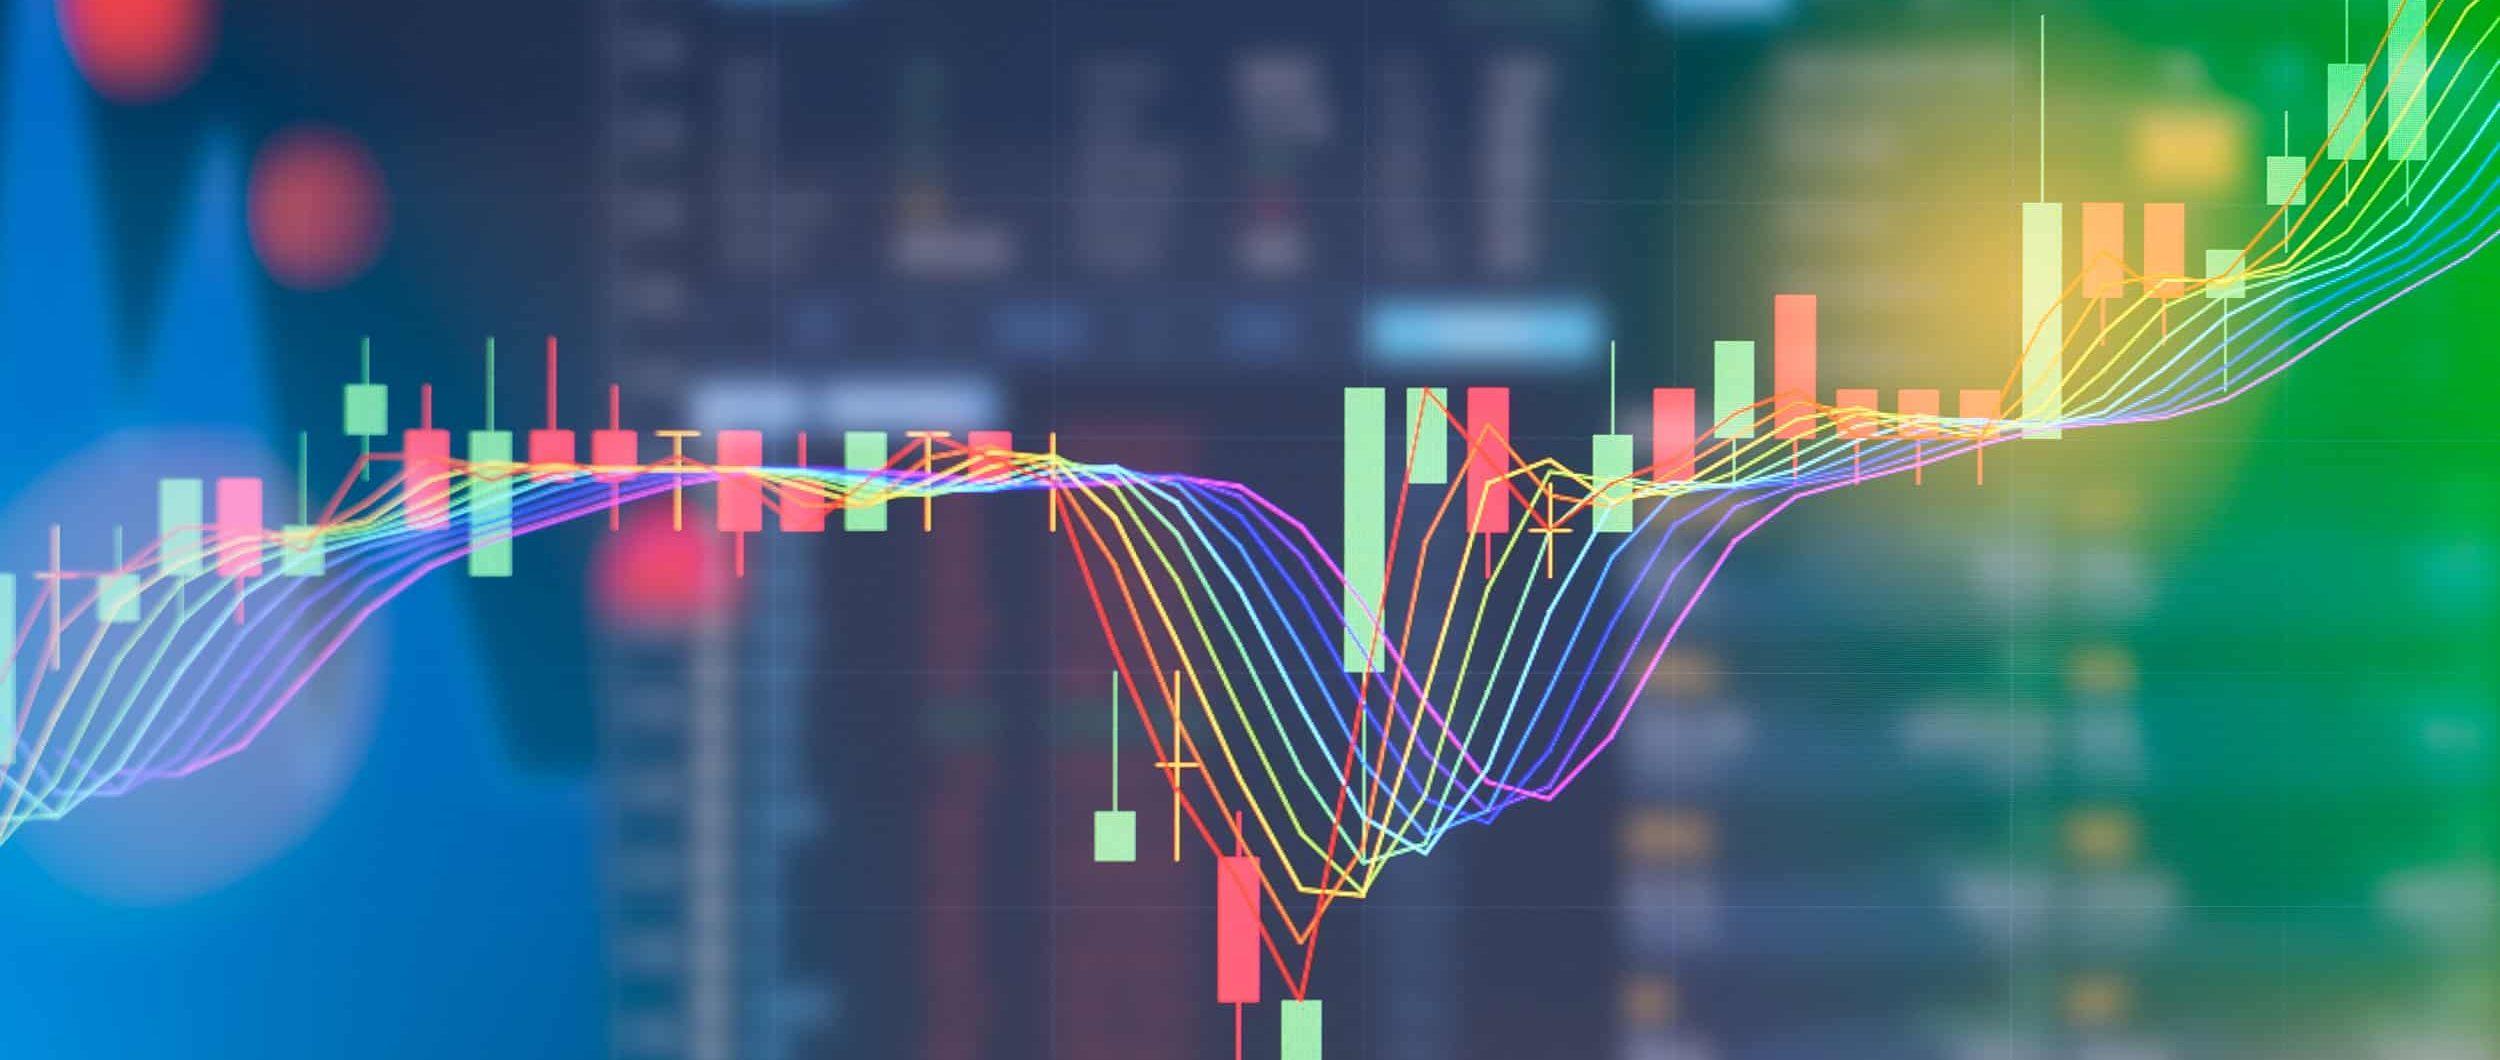 מסחר יומי בבורסה